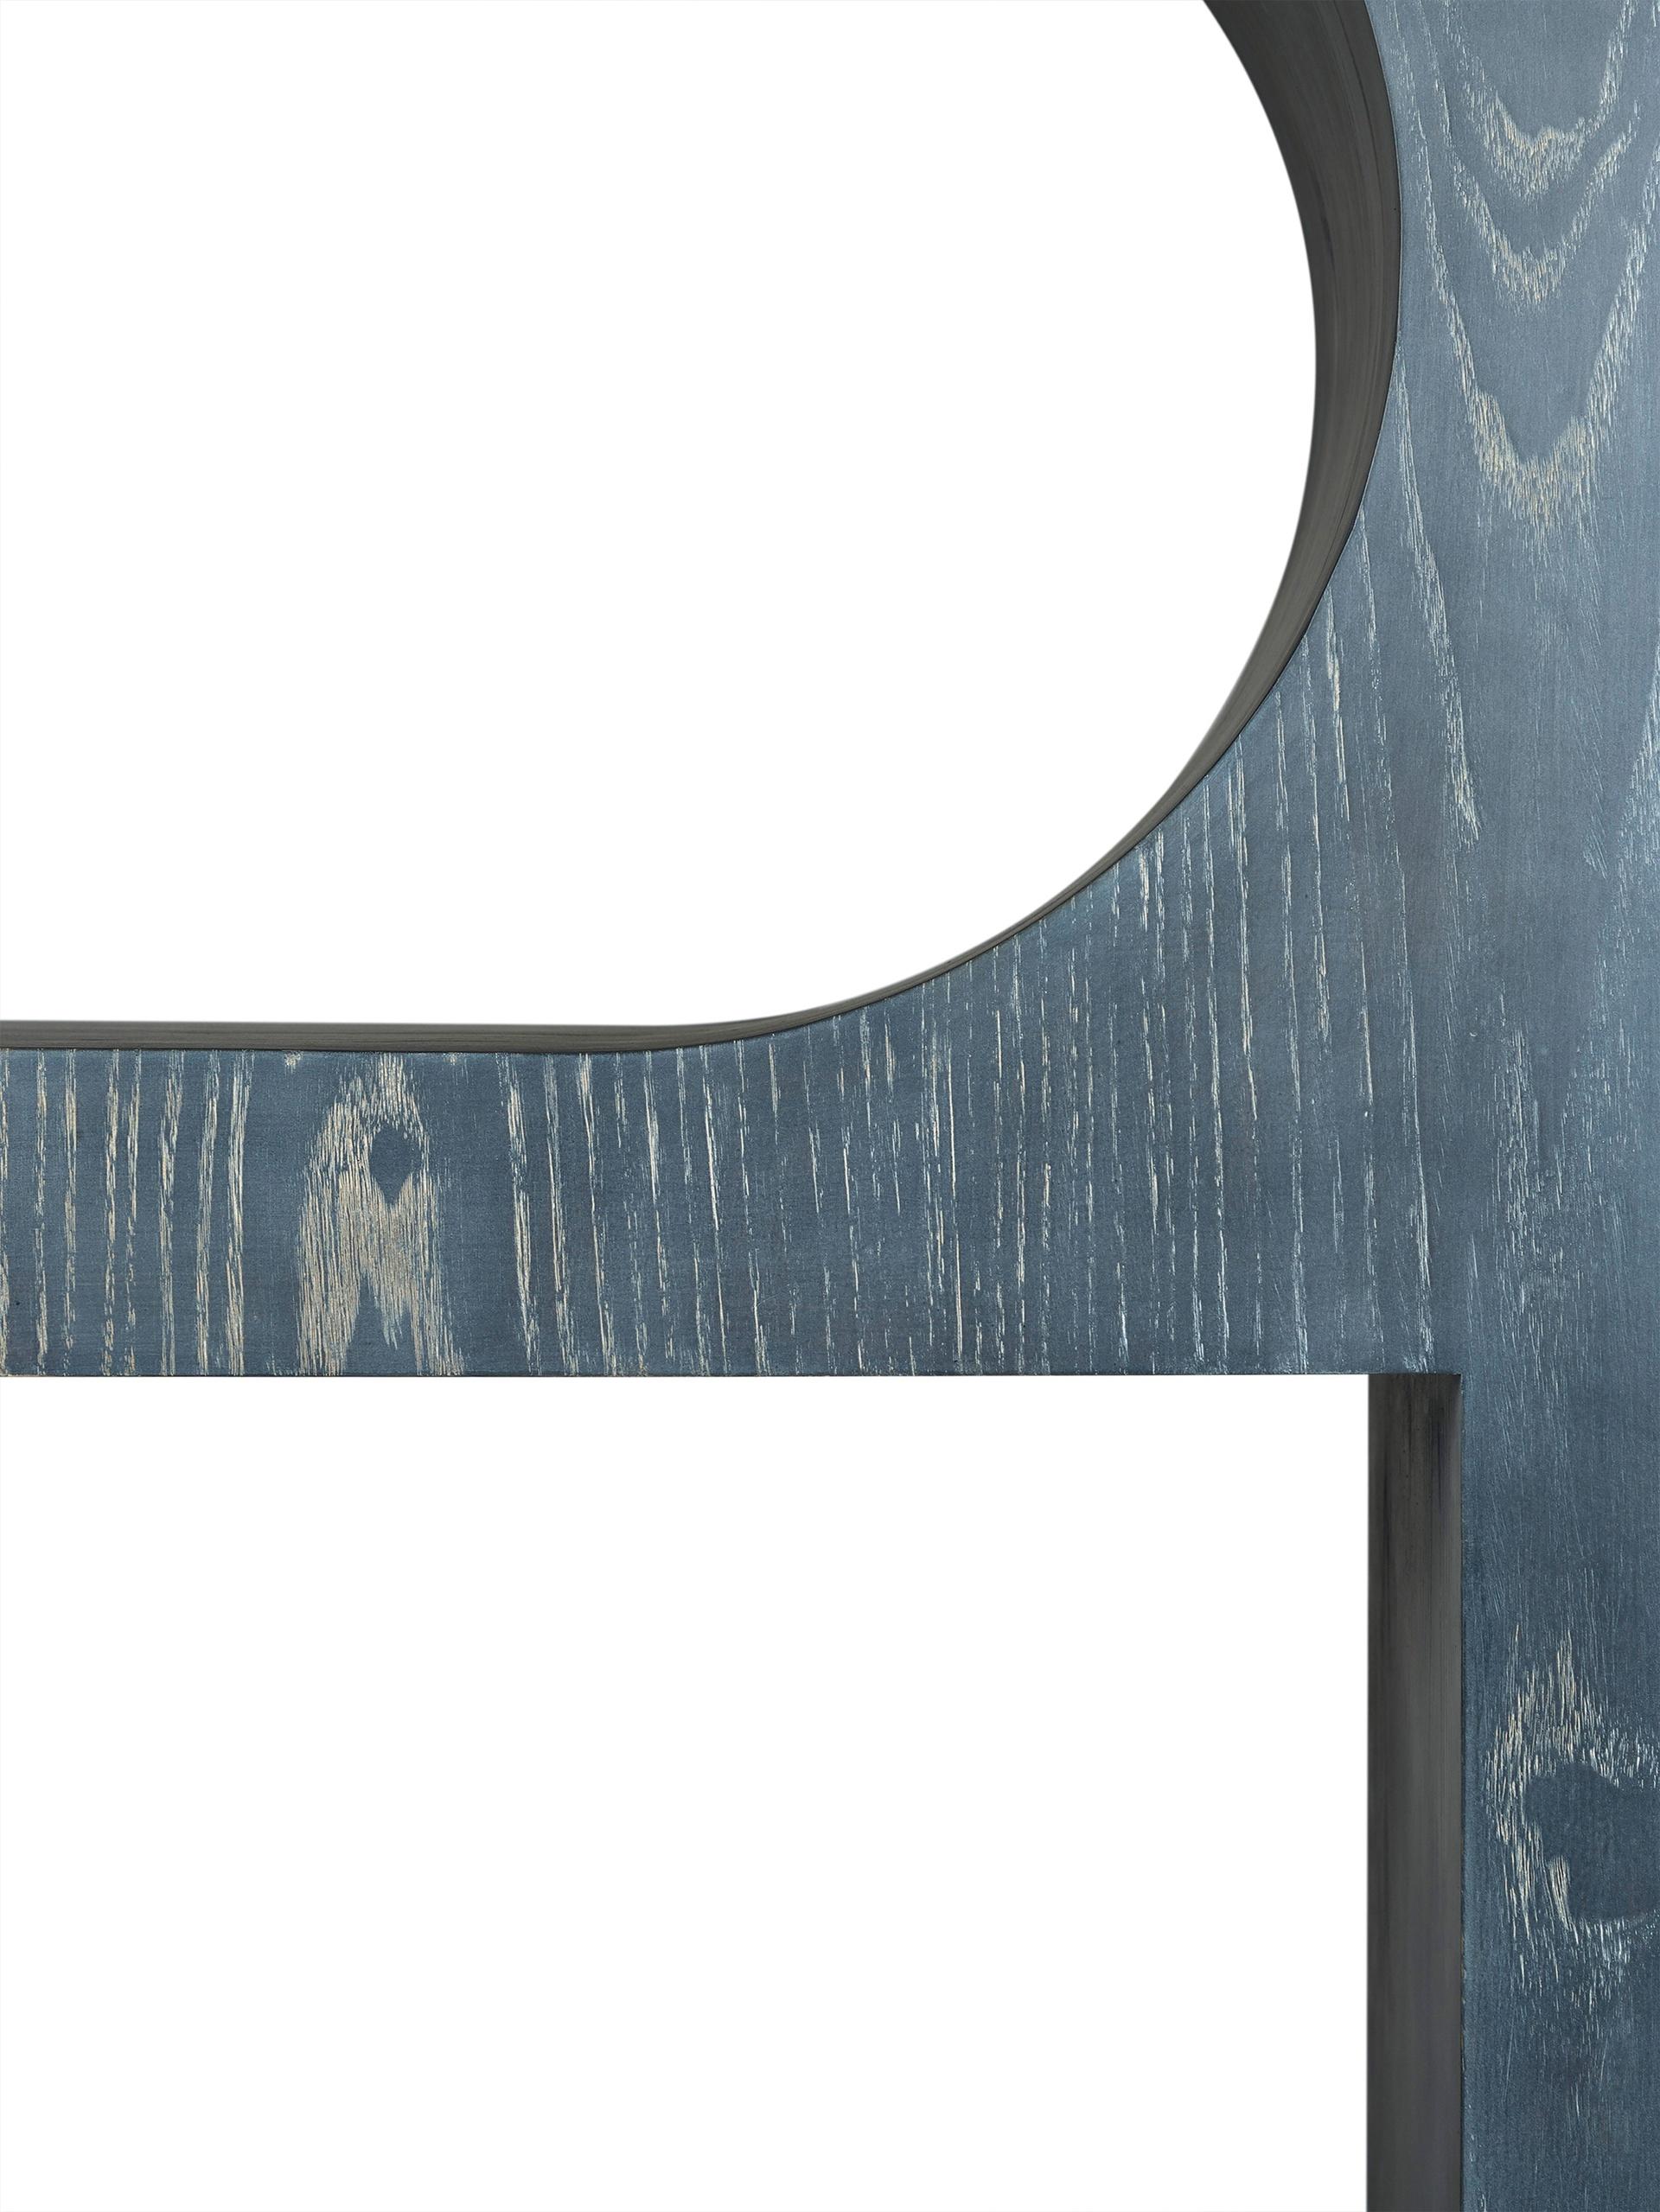 1545-49 Detail